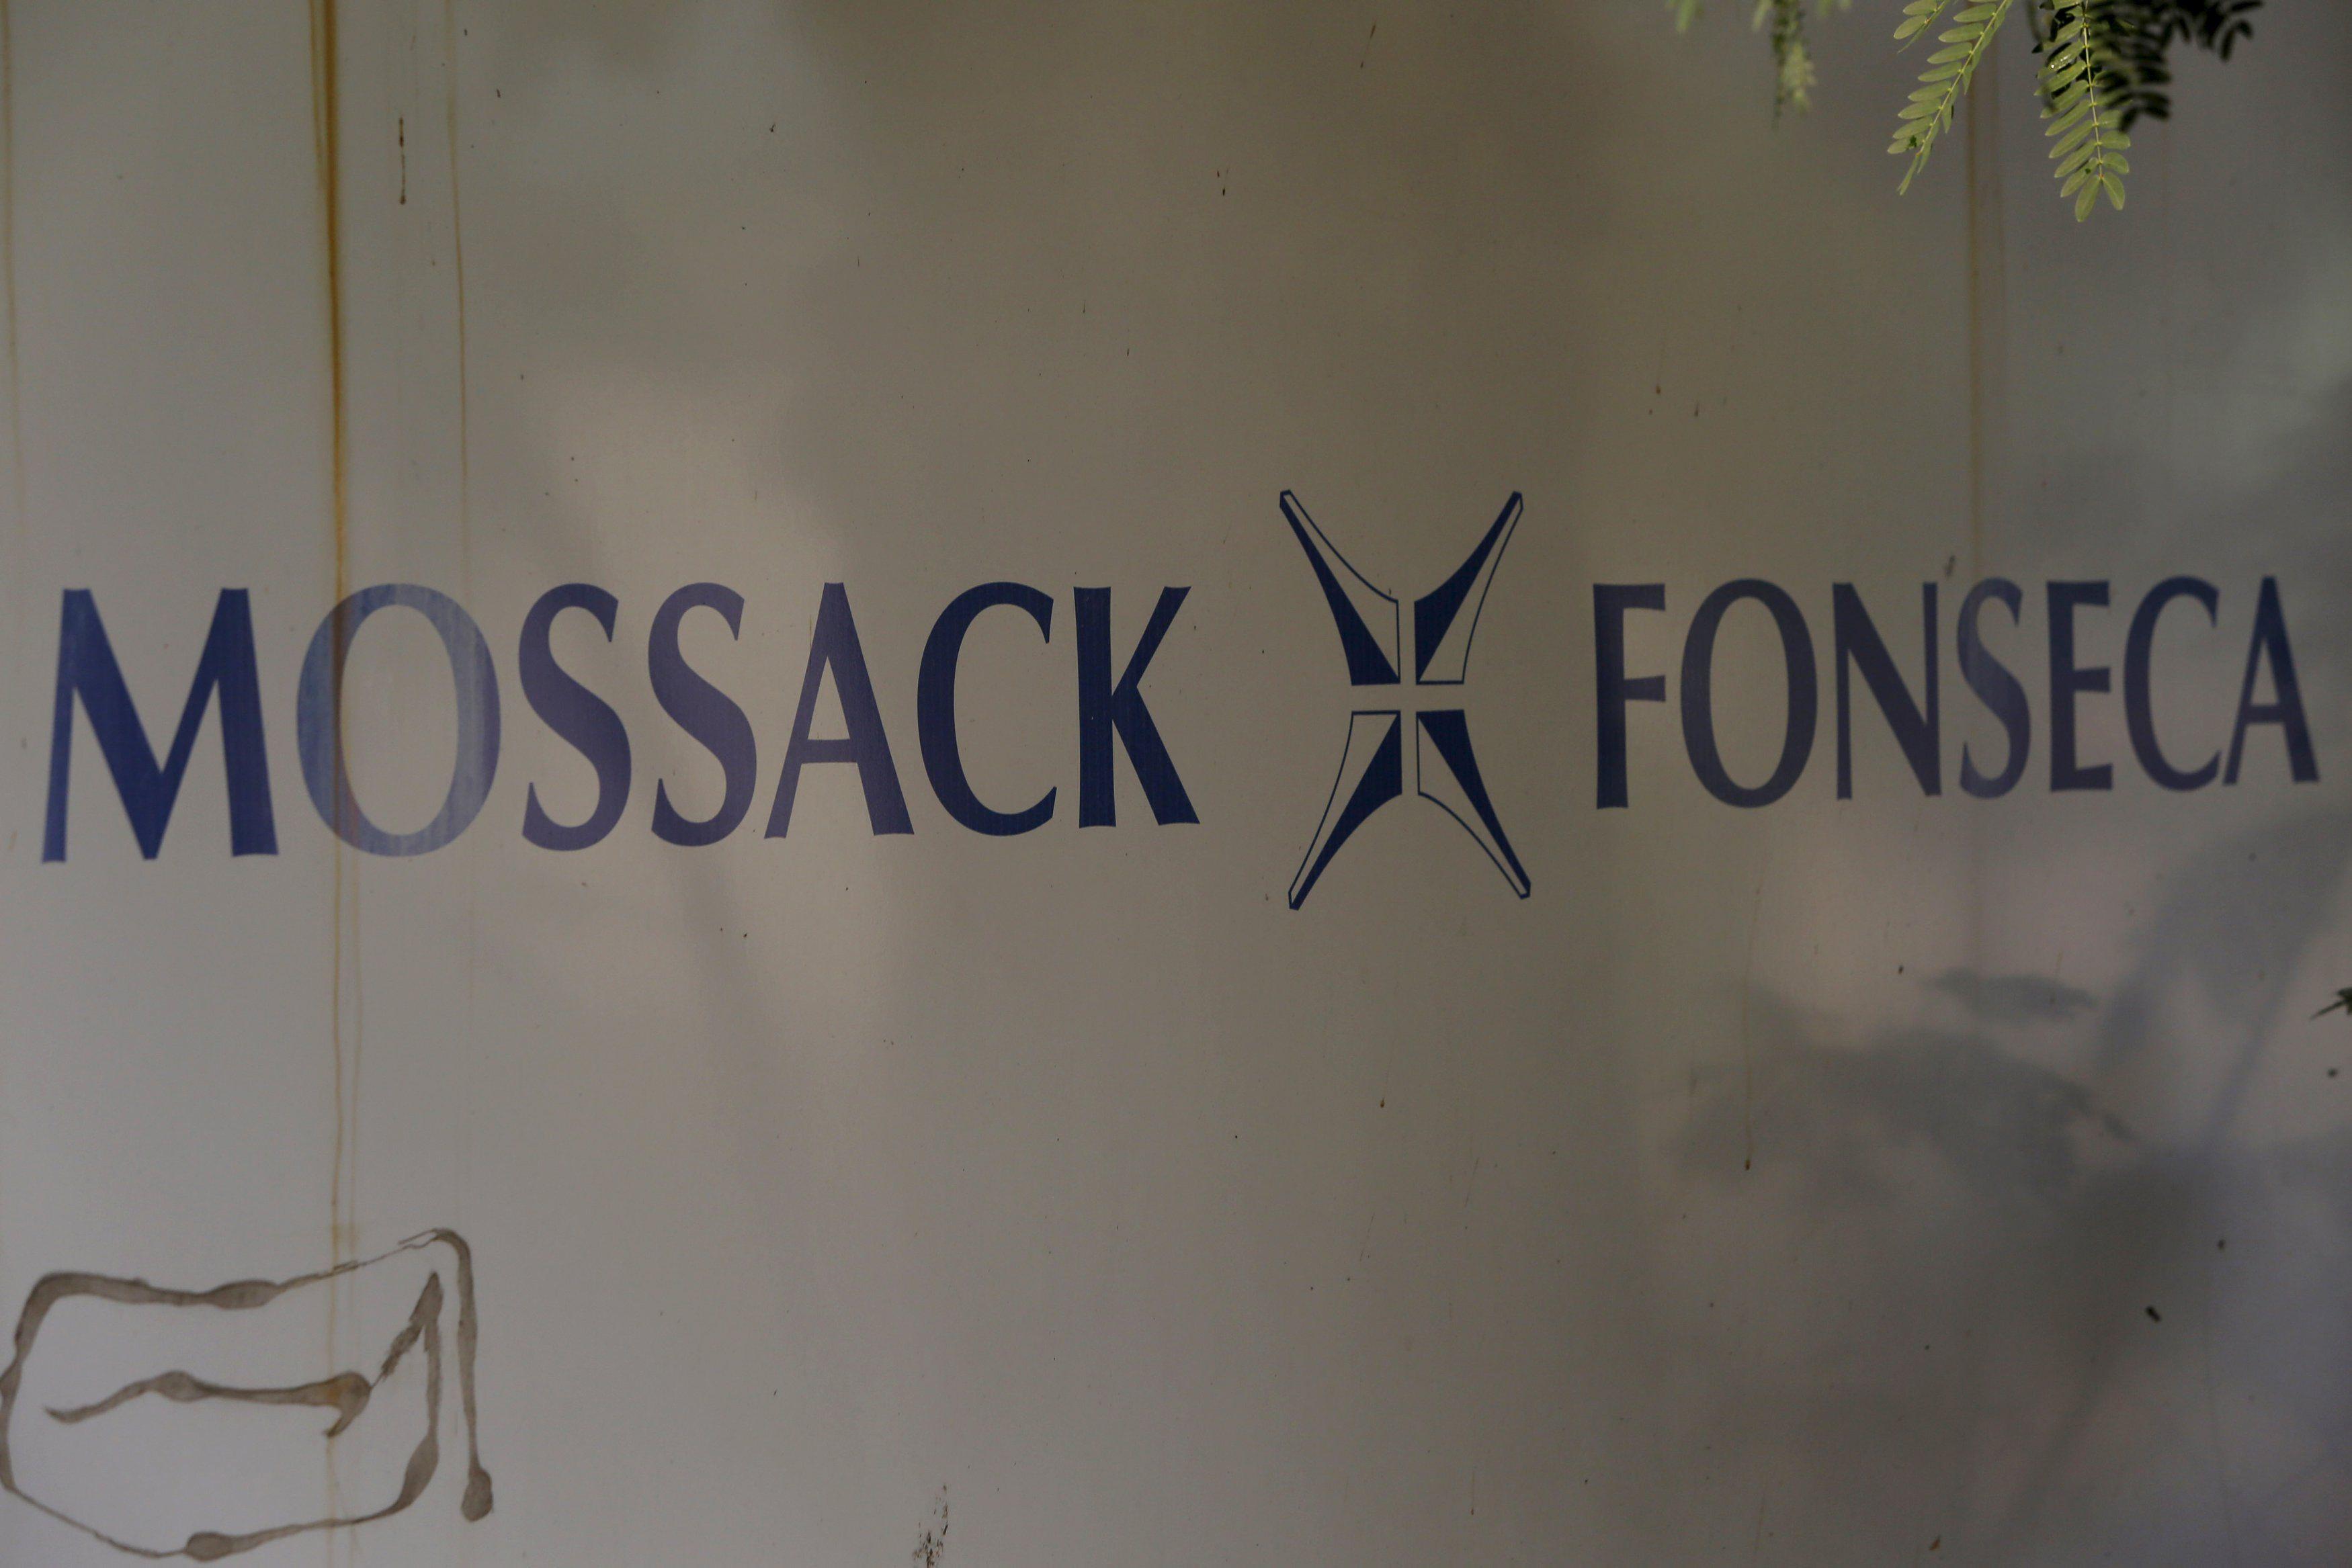 Офшорная панамская фирма Mossack Fonseca.